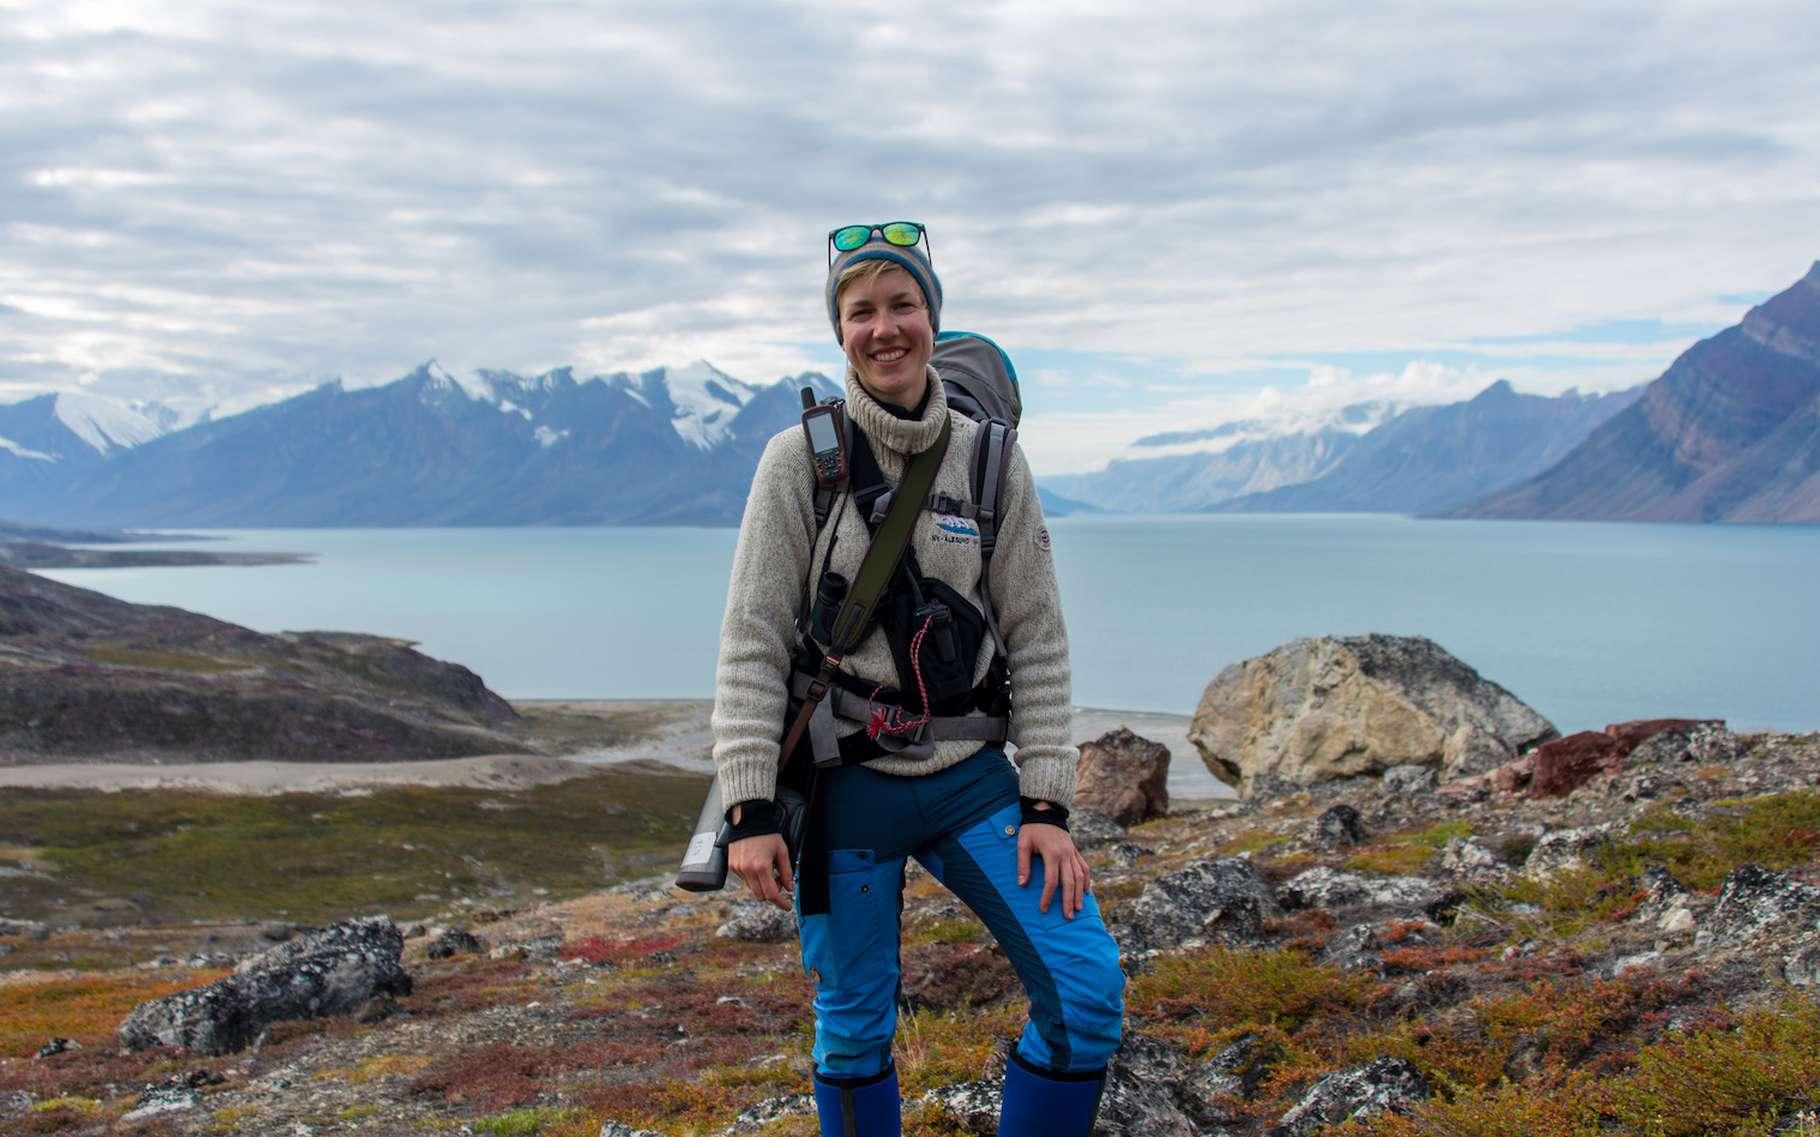 Heidi Sevestre et les Climate Sentinels préparent une expédition d'un mois dans le Svalbard (Norvège). © Heidi Sevestre, Climate Sentinels